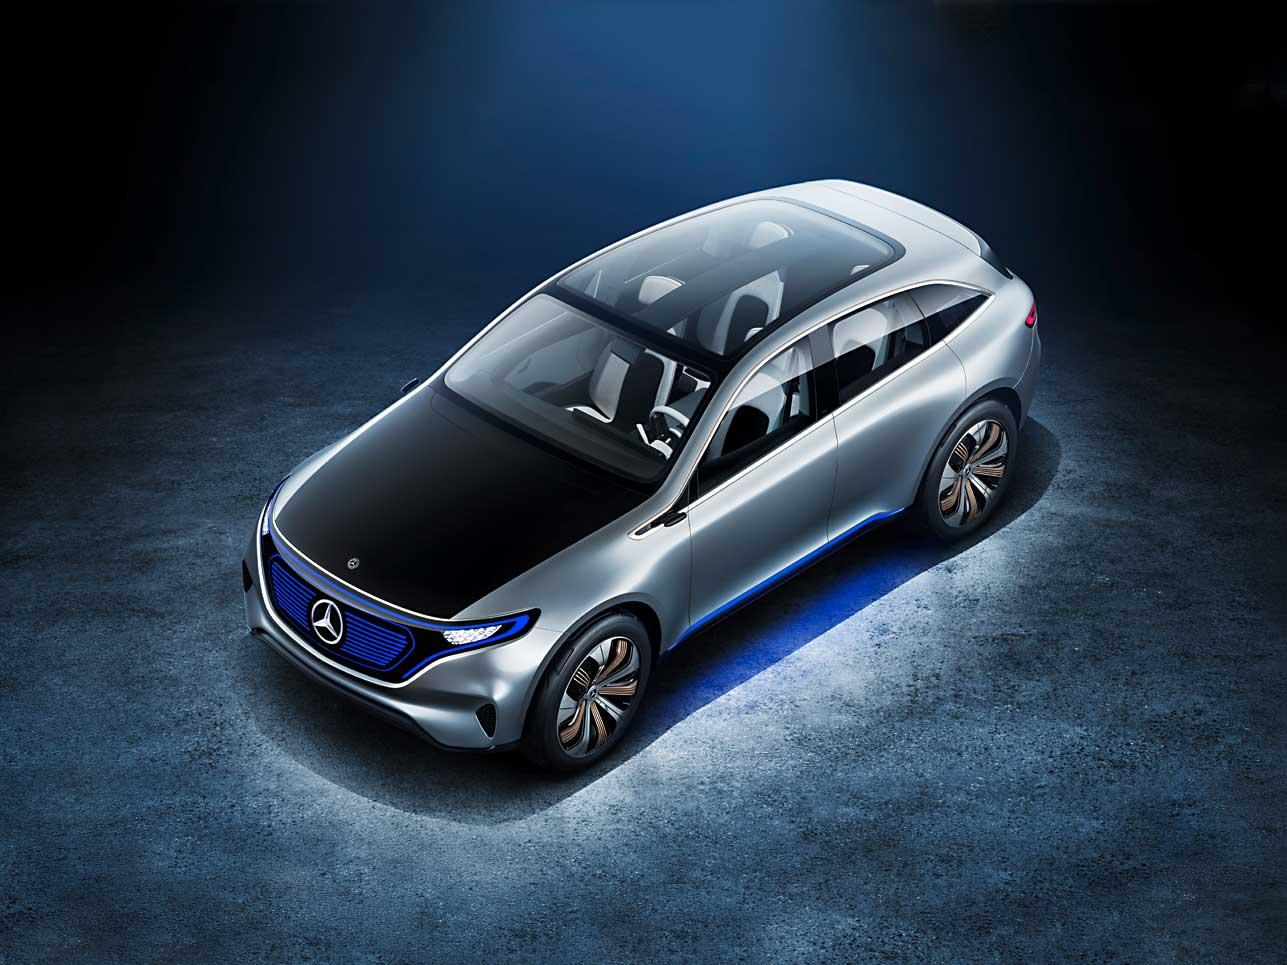 Schrägansicht: Der Mercedes Generation EQ